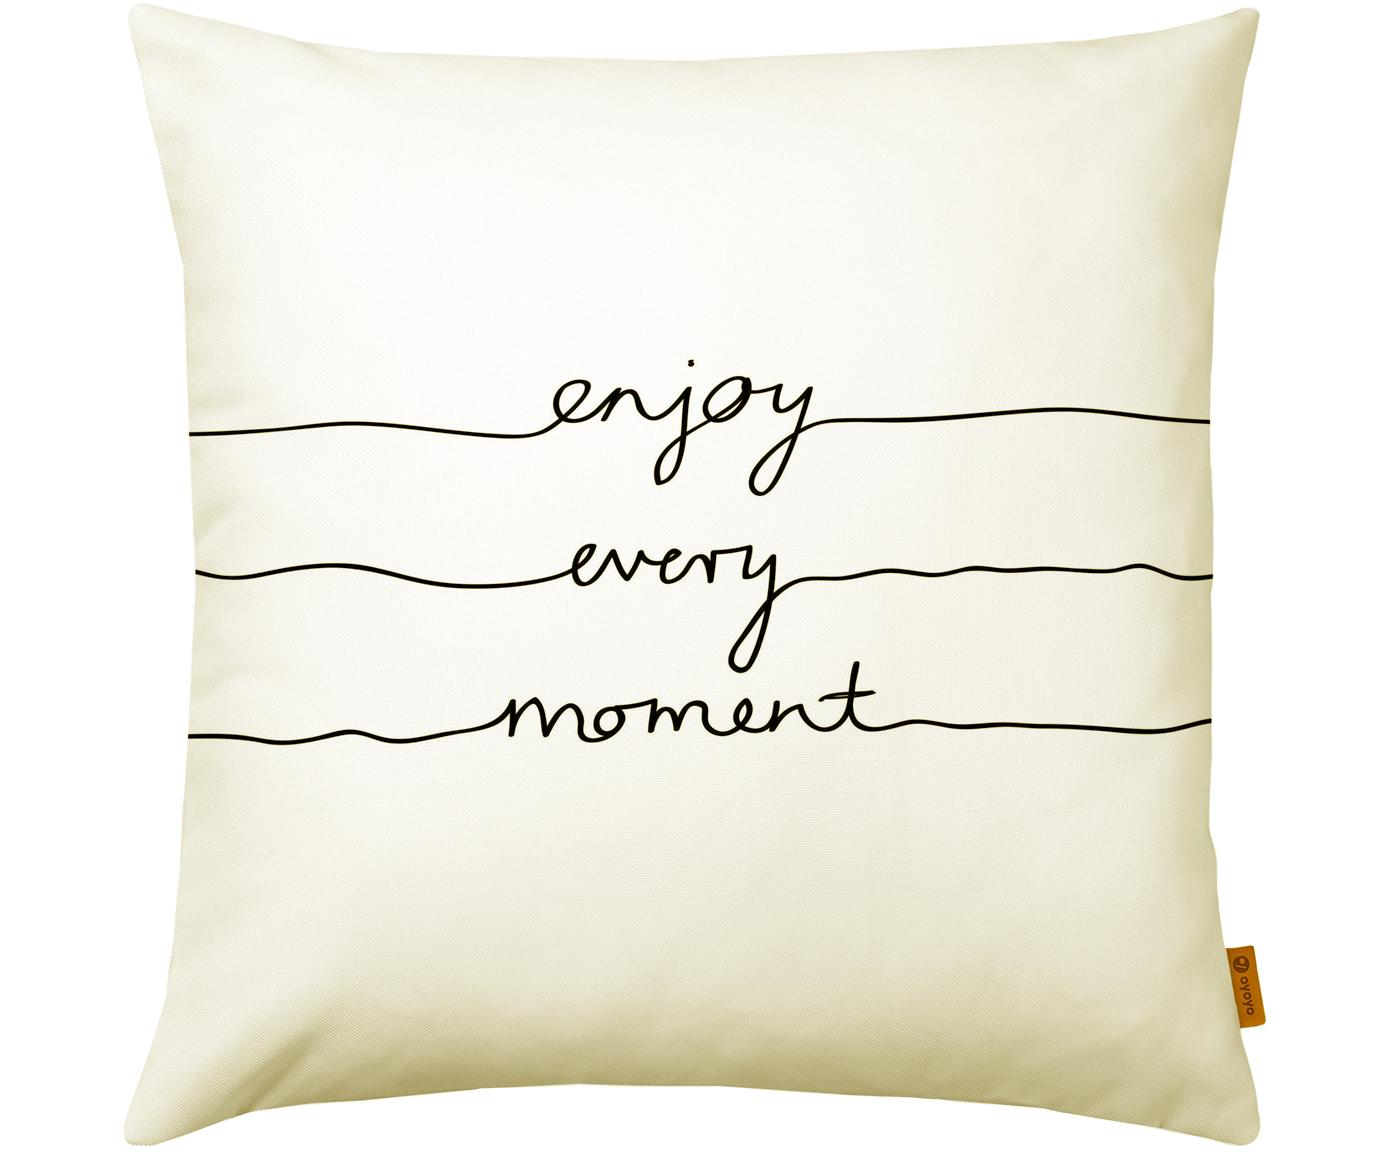 Poszewka na poduszkę Enjoy Every Moment, Poliester, Biały, czarny, S 40 x D 40 cm